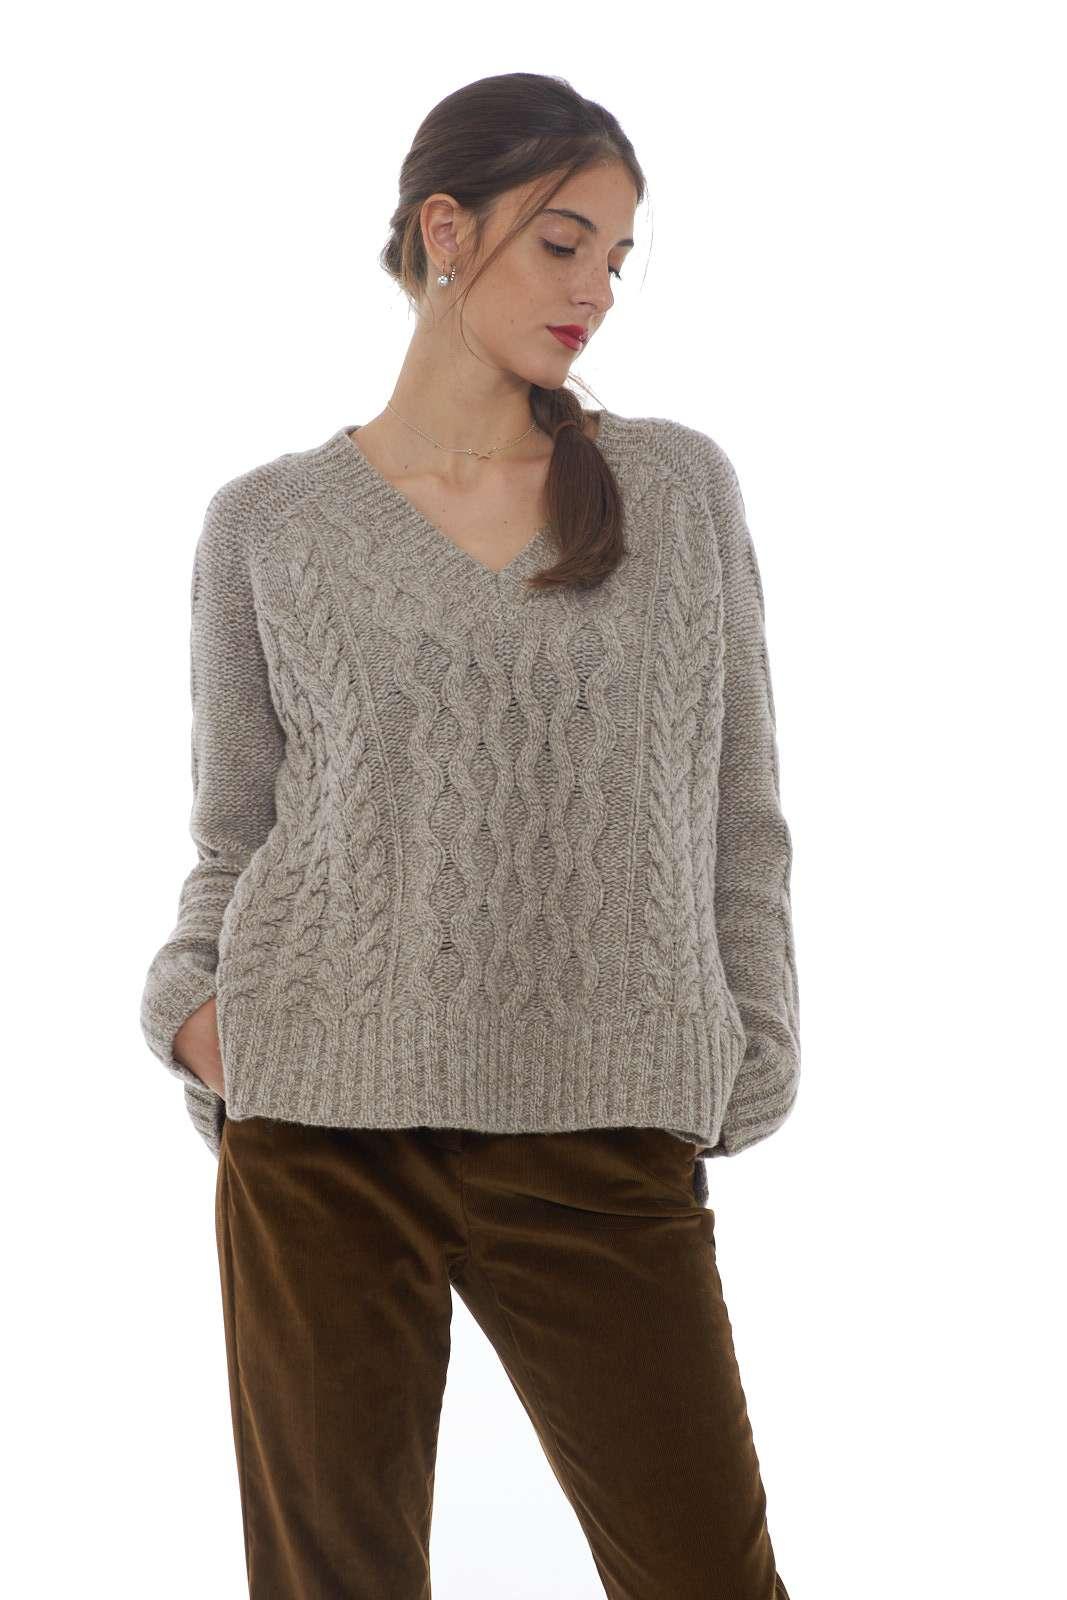 https://www.parmax.com/media/catalog/product/a/i/AI-outlet_parmax-maglia-donna-MaxMara-53660893-A.jpg